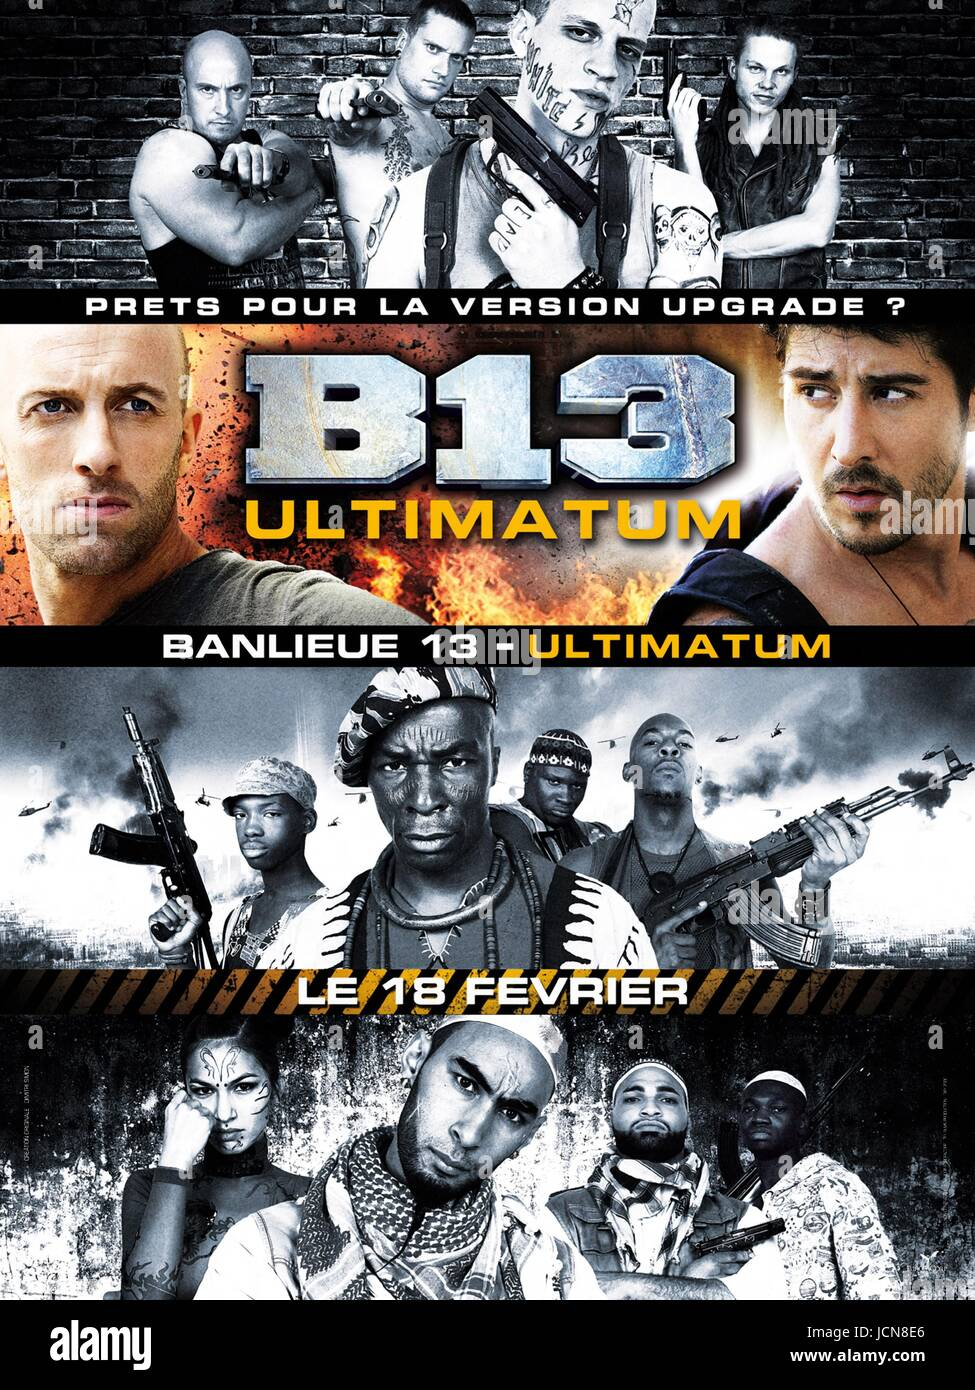 banlieu 13 ultimatum fr